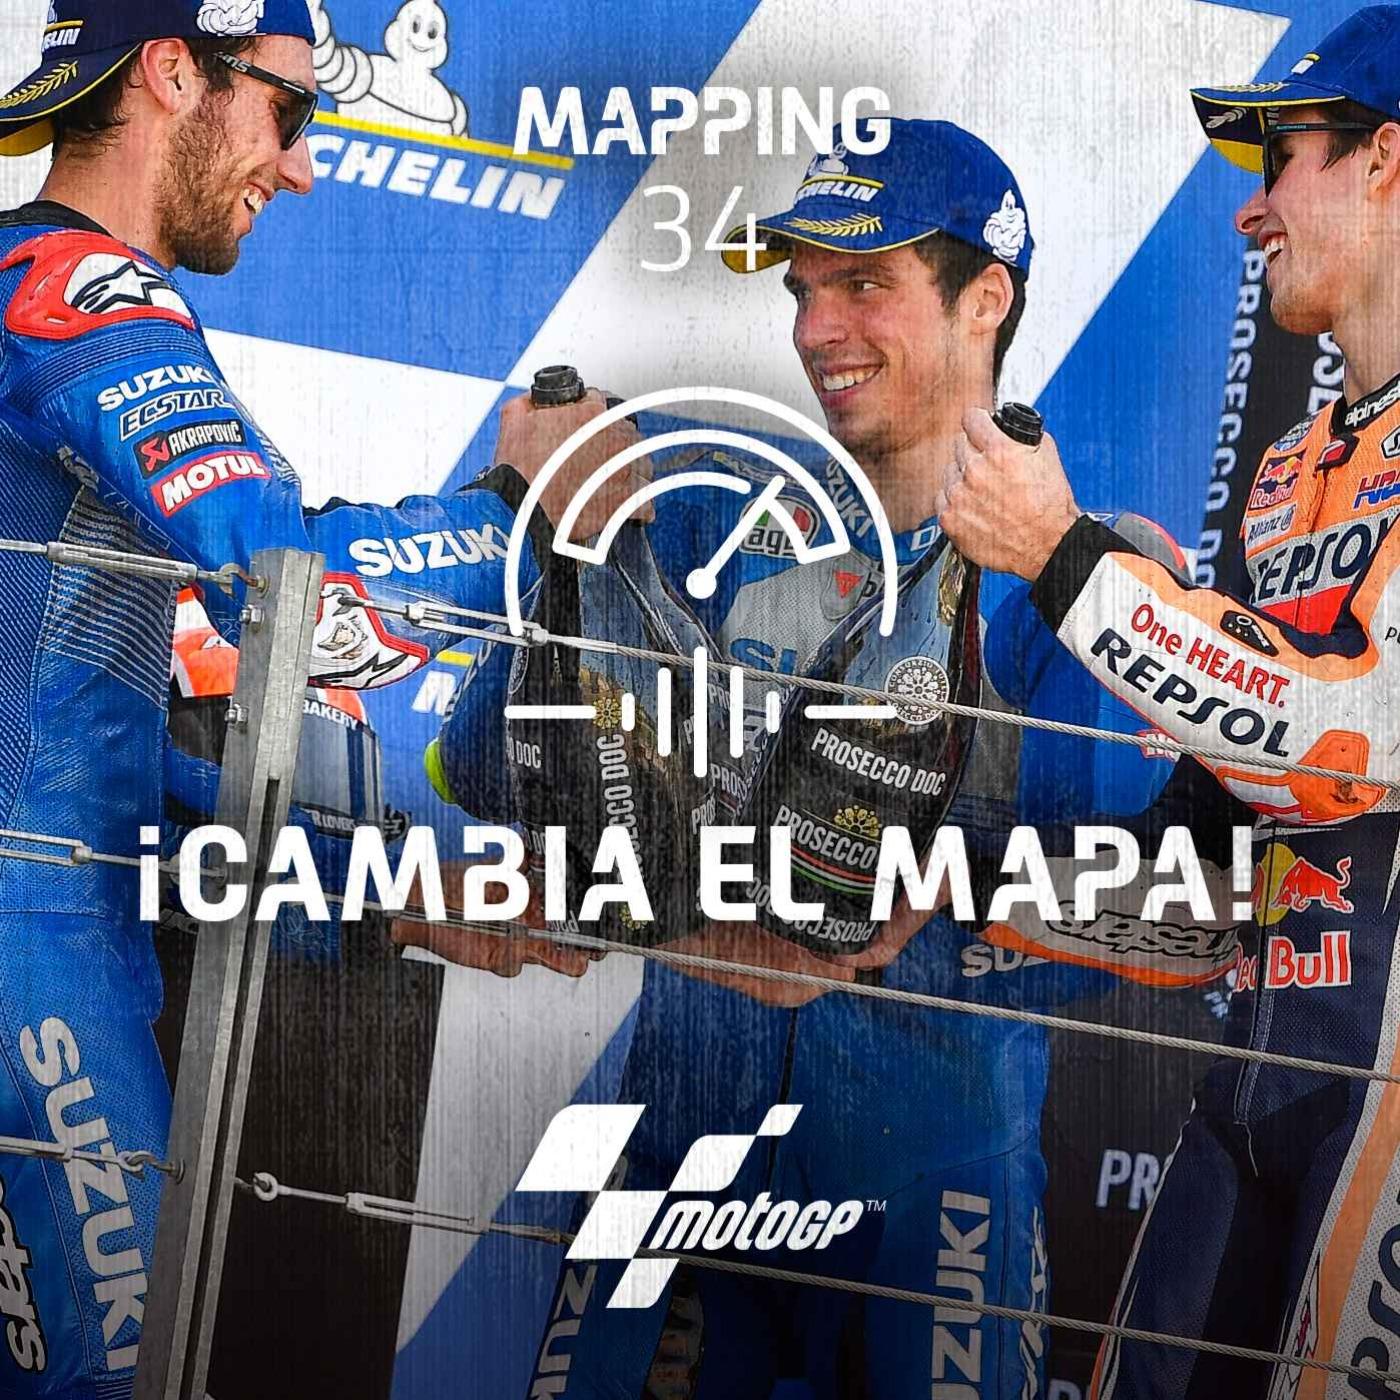 Mapping 34: Marea azul en el Mundial y explosión de Alex Márquez